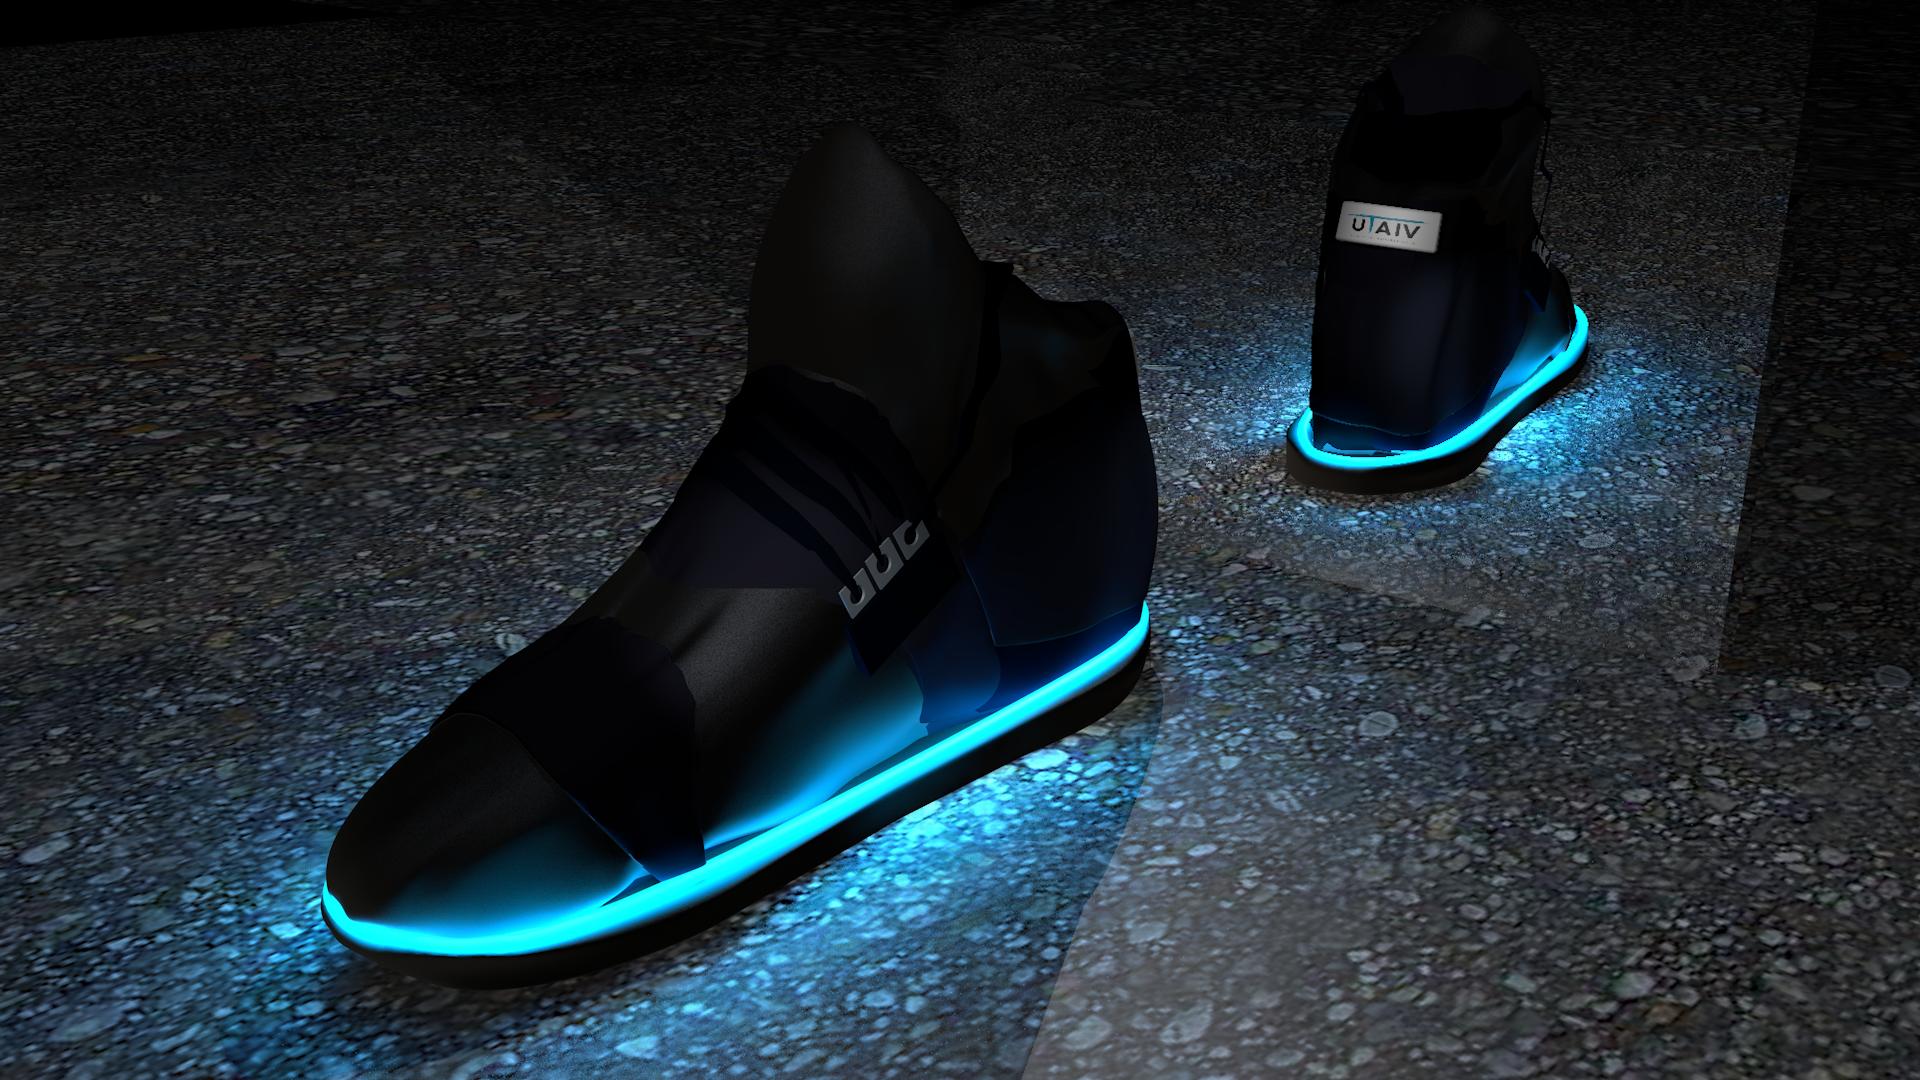 3D-Modell des eingeschalteten Schuhs